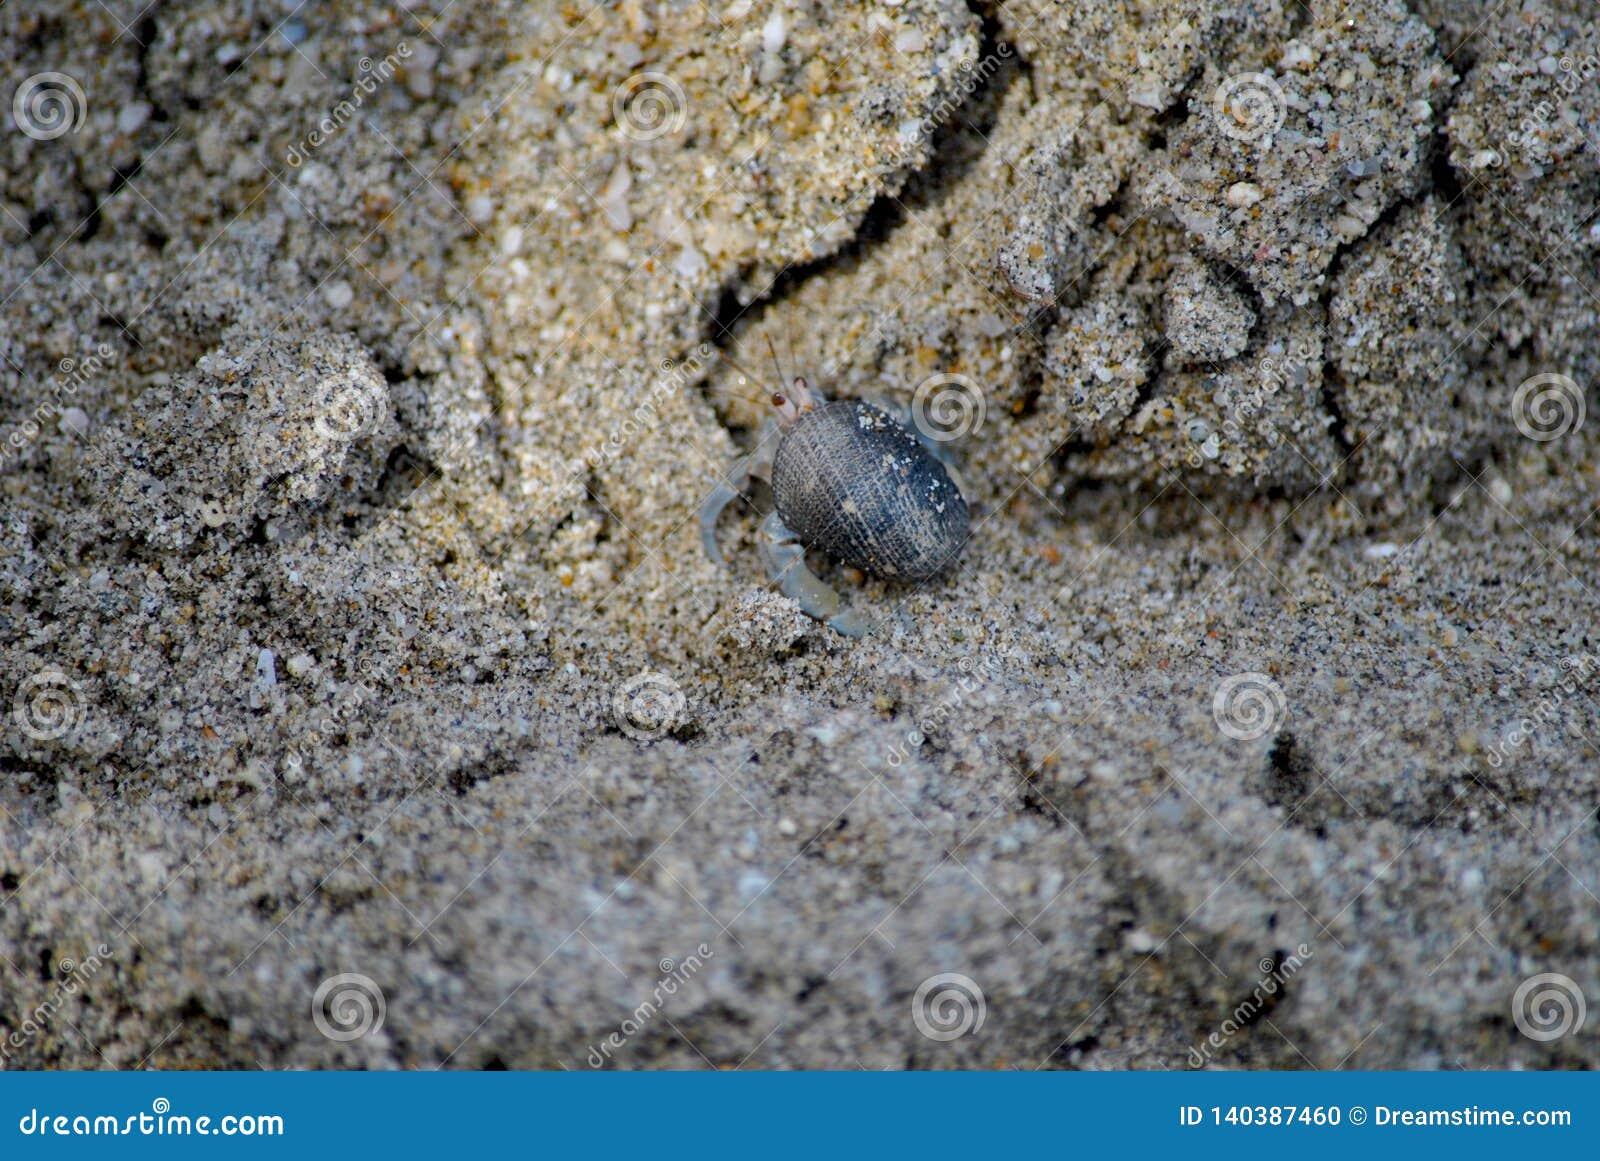 Небольшой краб затворницы на песке моря